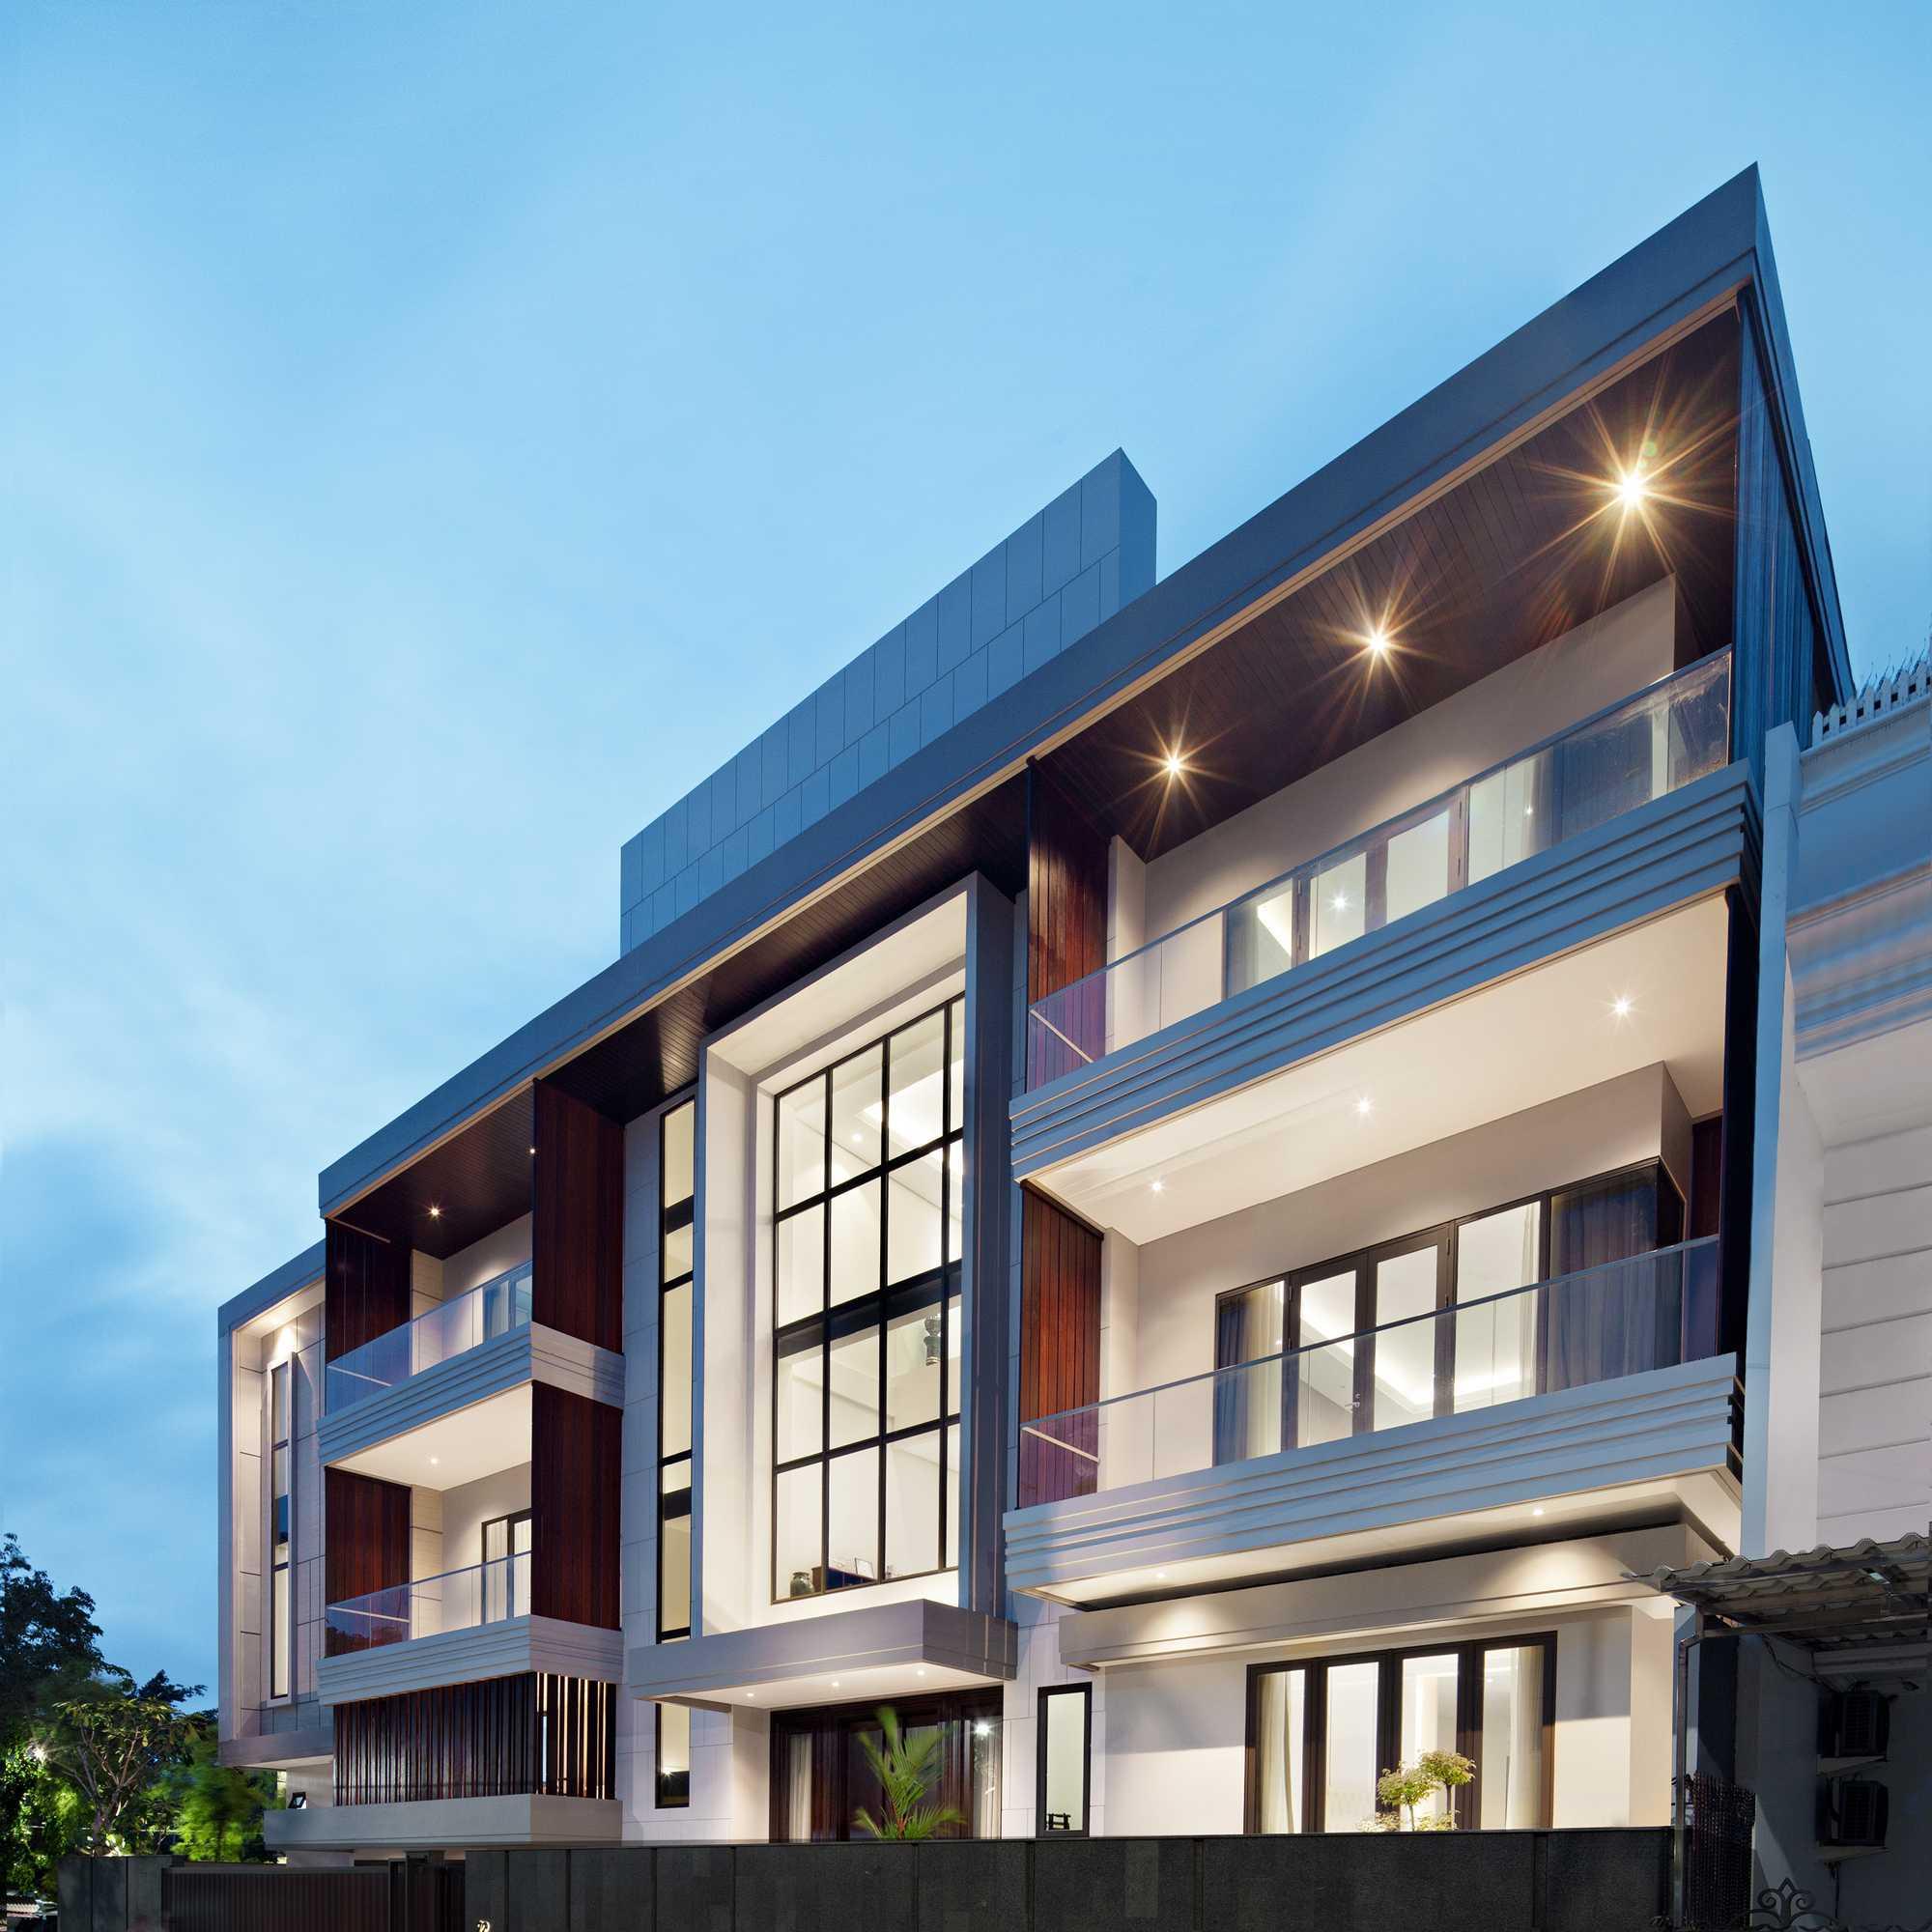 Alradistadesign St House, Sunter Sunter Jakarta Sunter Jakarta Alradistadesign-St-House-Sunter Modern  50506